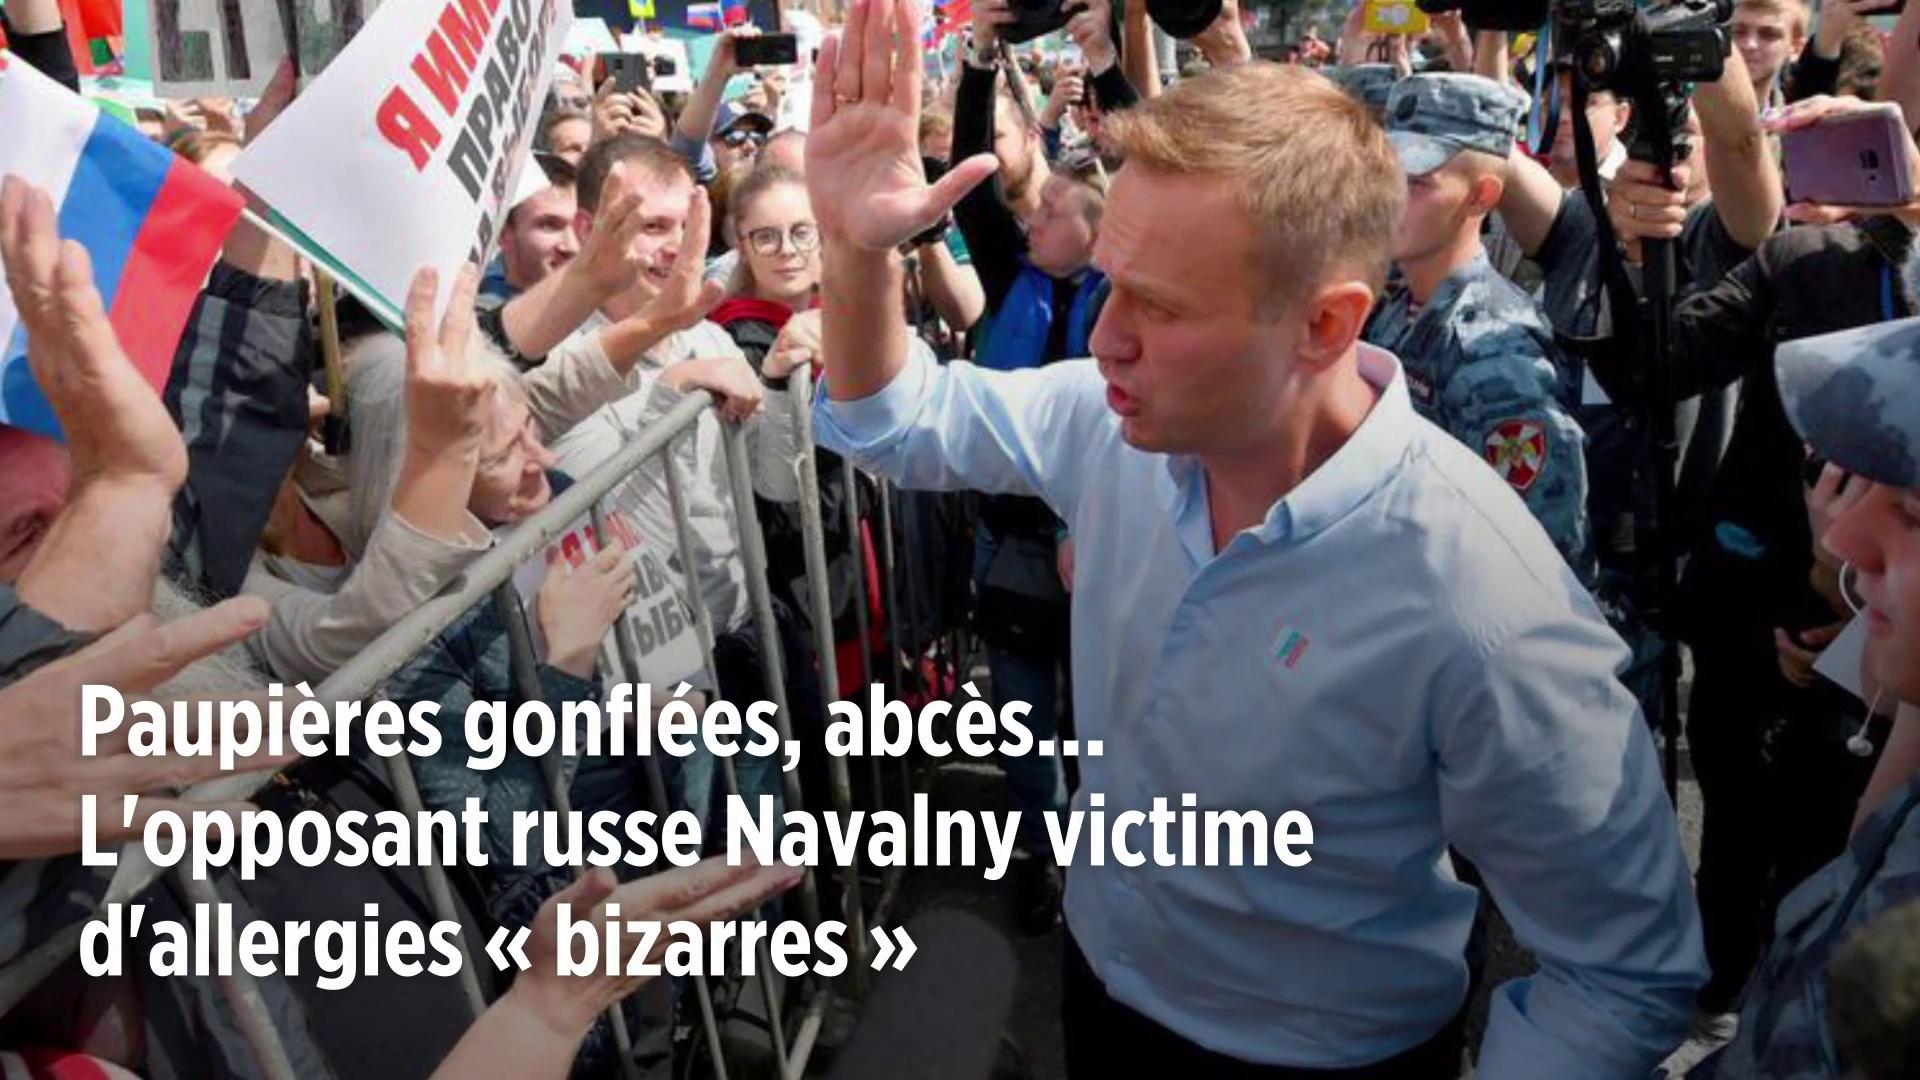 Paupières gonflées, abcès… L'opposant russe Navalny victime d'allergies « bizarres »